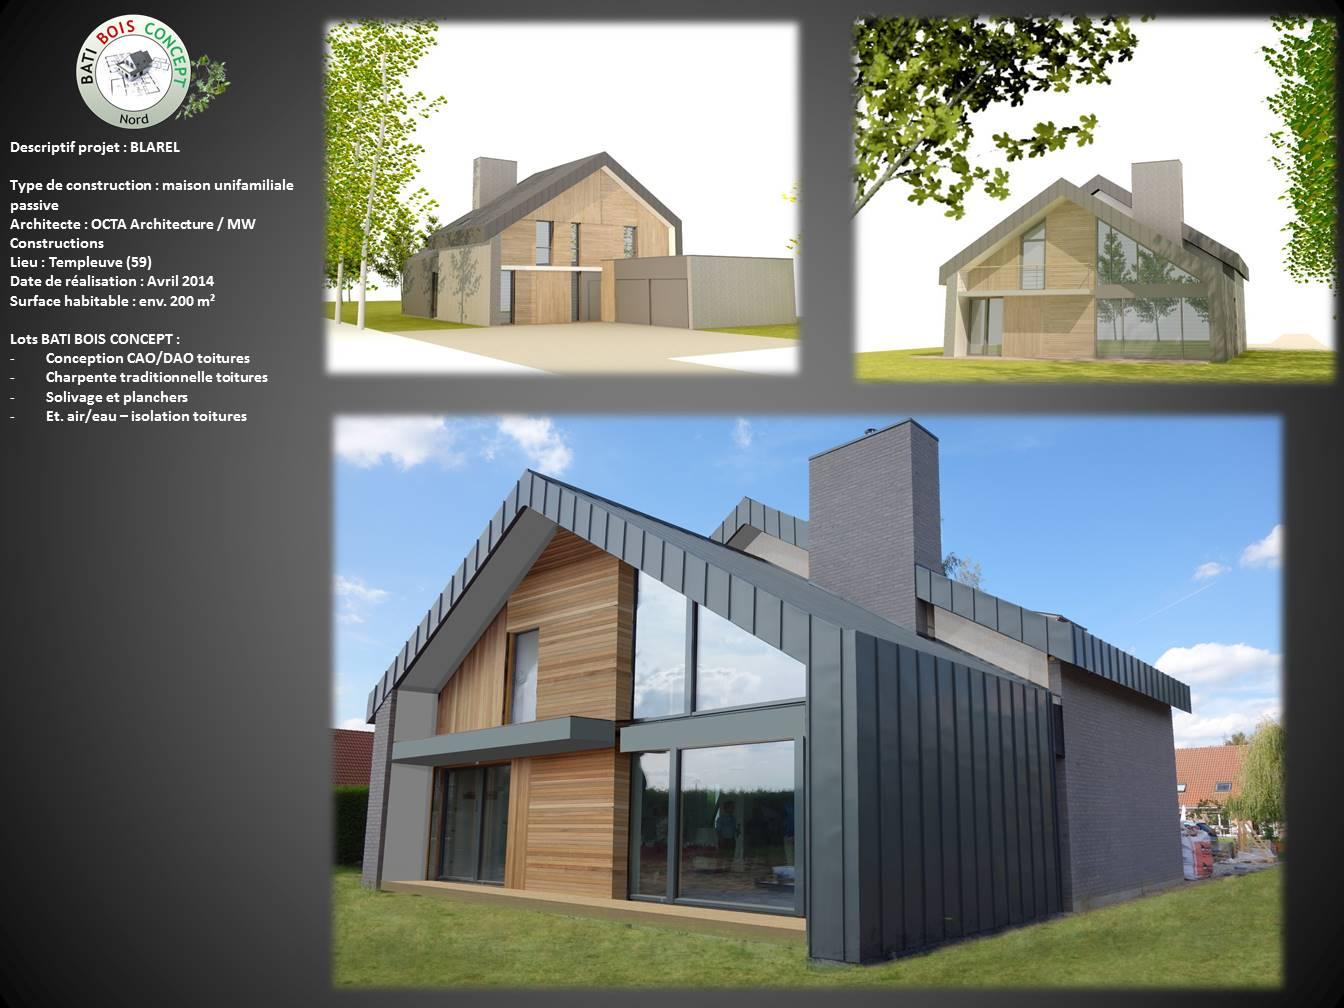 Bati bois concept nord constructeur de maisons passives for Architecte maison passive